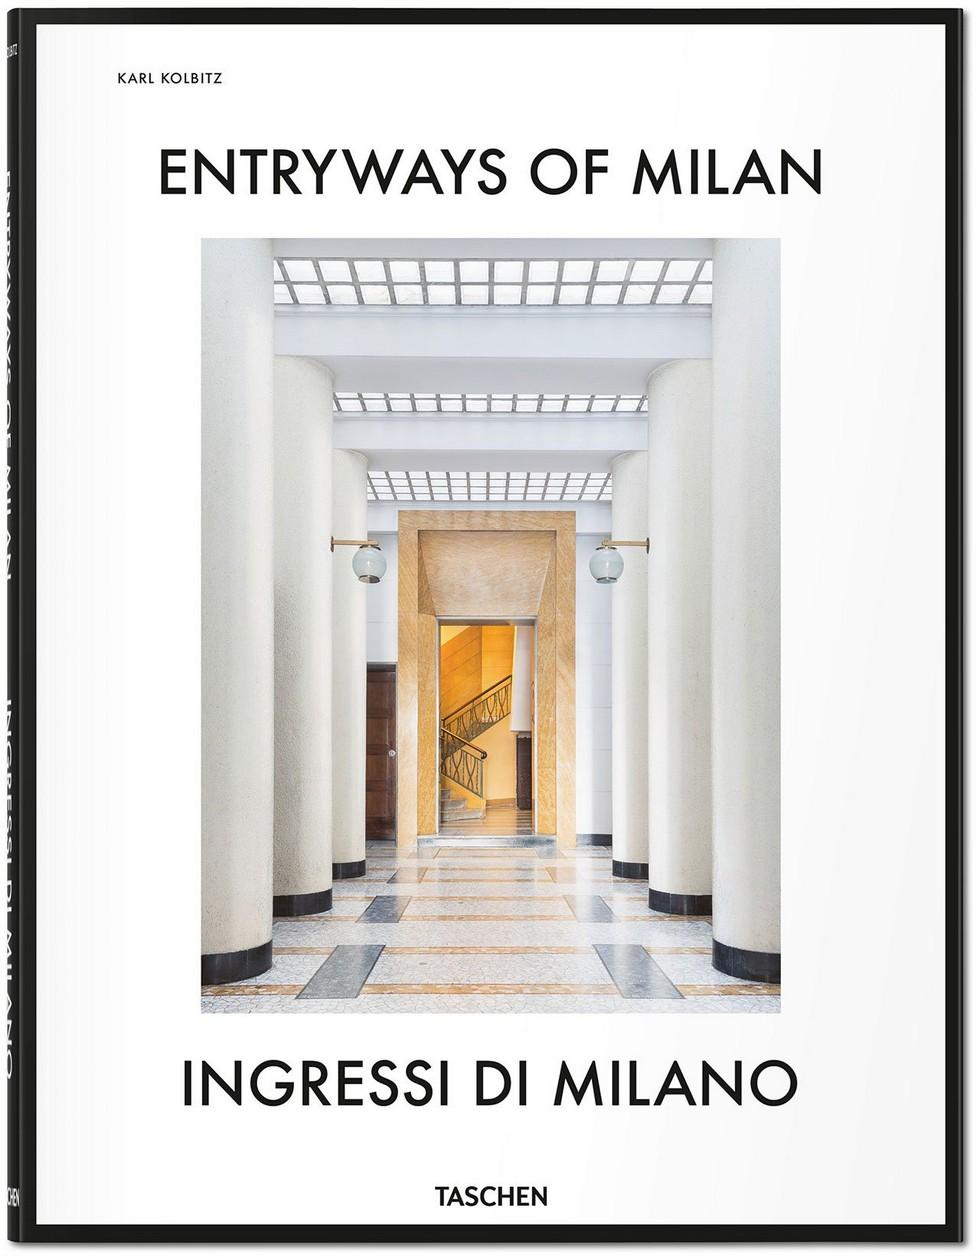 """Entryways of Milan by Taschen italian design book Timeless """"Entryways of Milan"""", an italian design book by Taschen Timeless Entryways of Milan an italian design book by Taschen 2"""